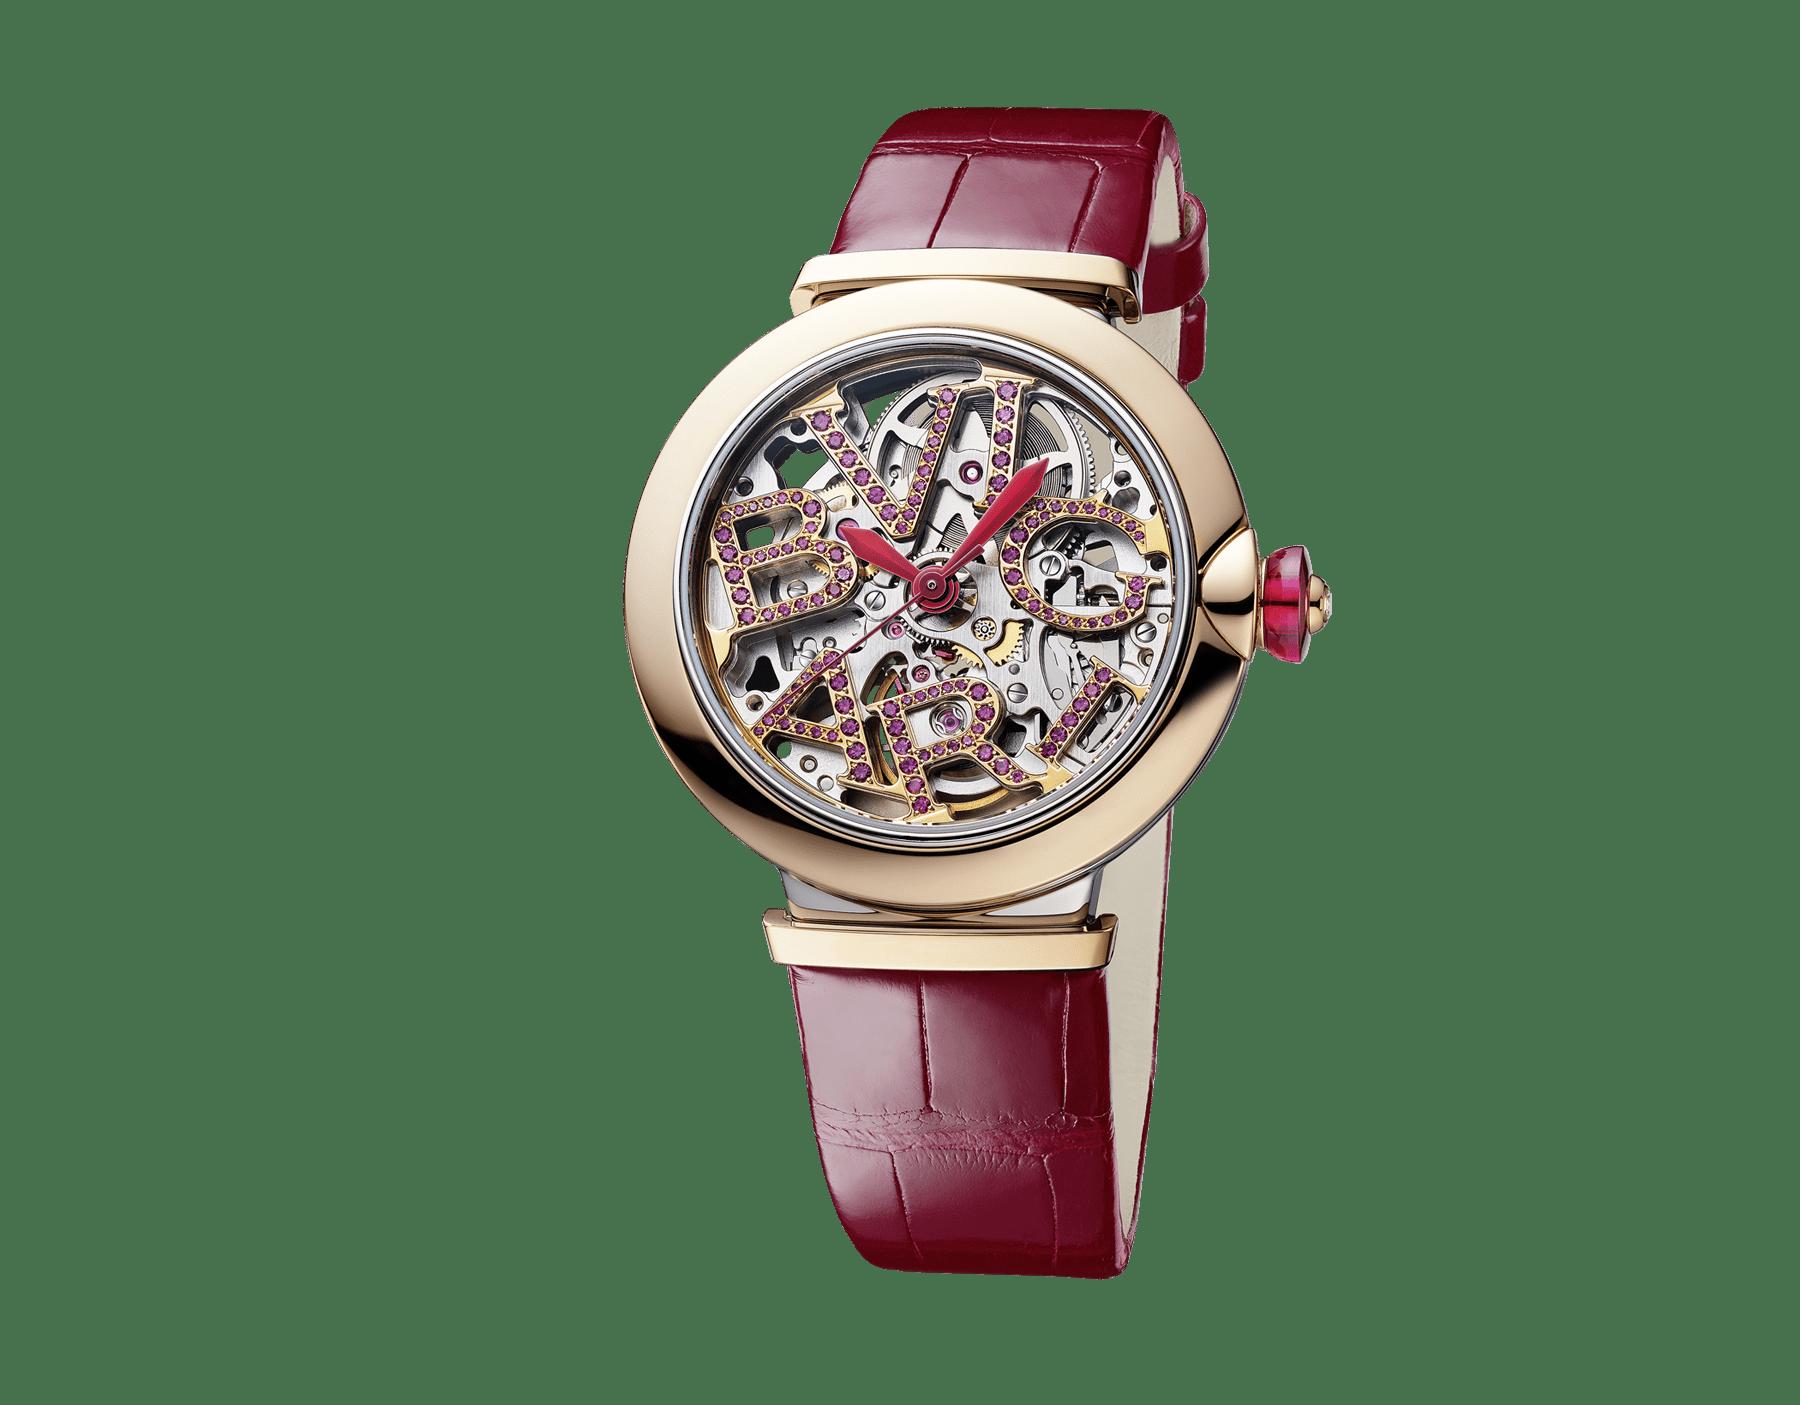 Relógio LVCEA Skeleton com movimento mecânico, corda automática e execução esqueletizada, caixa em aço, bezel em ouro rosa 18K, mostrador com logotipo BVLGARI em aço vazado cravejado com rubis e pulseira em couro de jacaré vermelho 103122 image 2